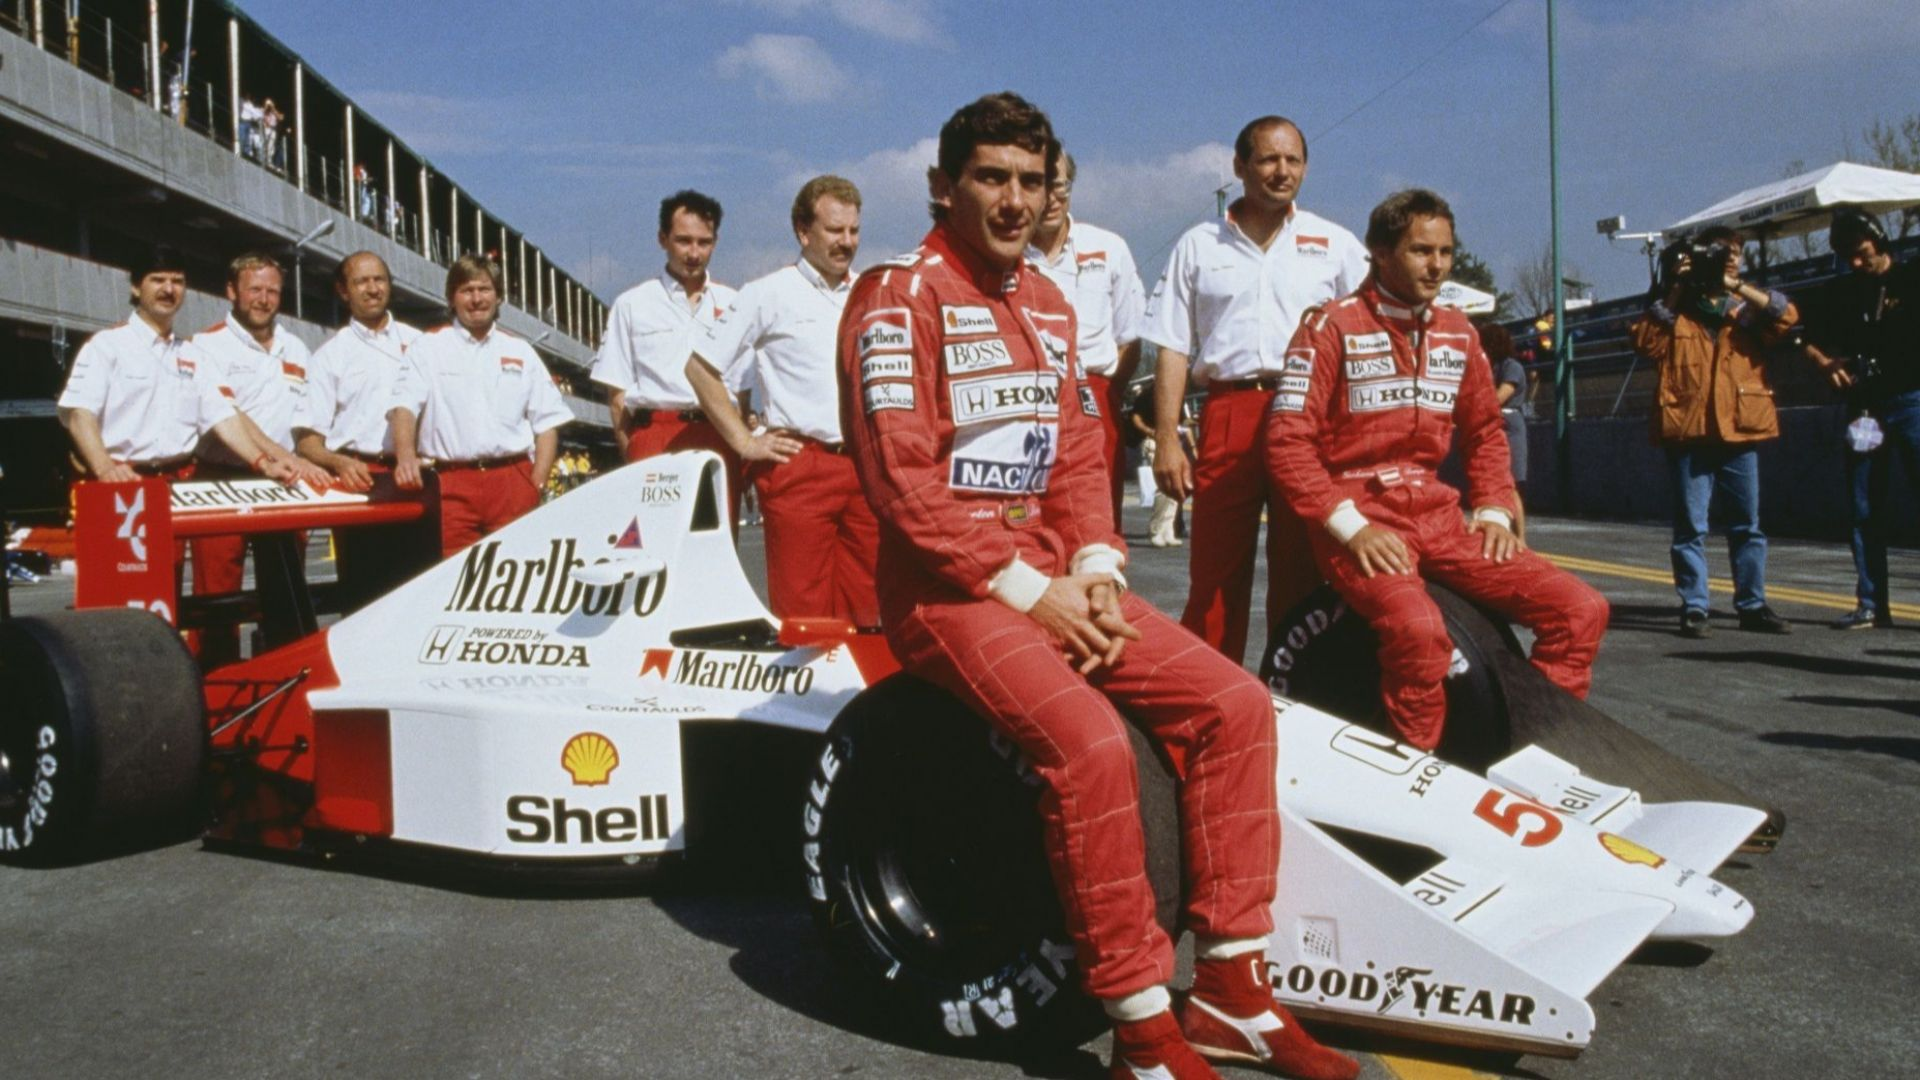 След 12 месеца работа: Формула 1 определи най-бързия пилот за последните 40 г.